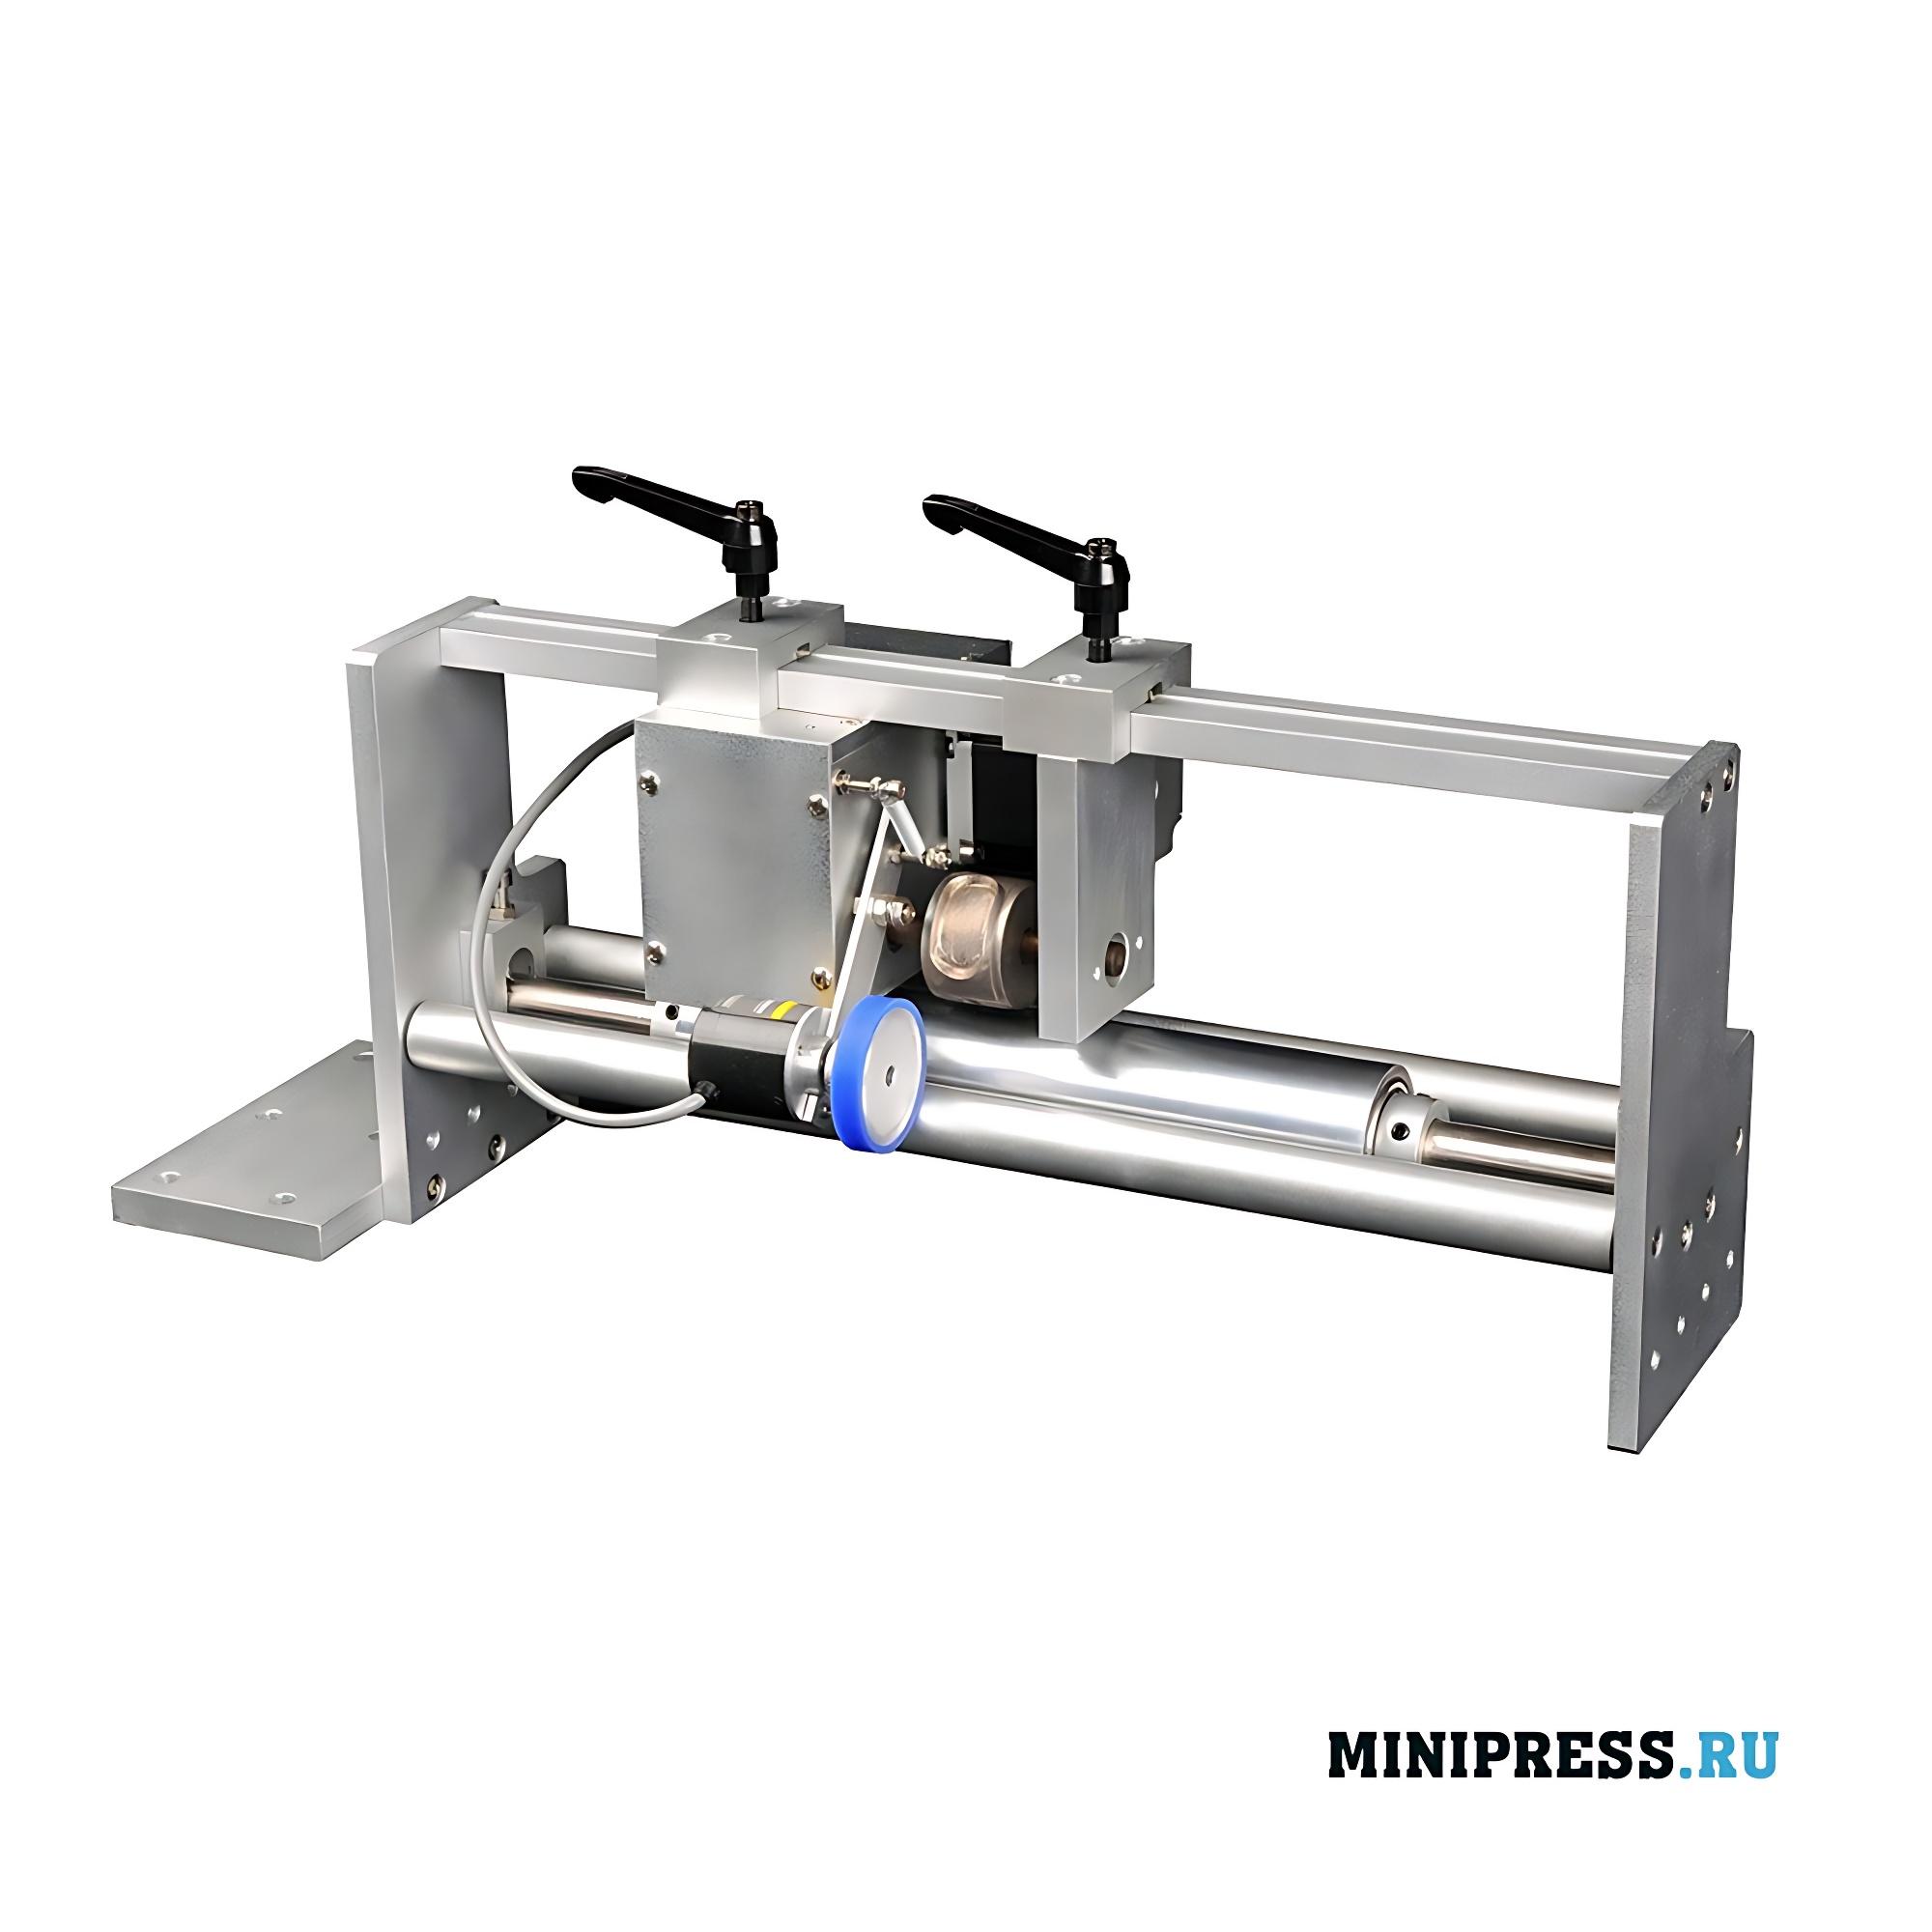 Автоматическое оборудование для штамповки отверстий